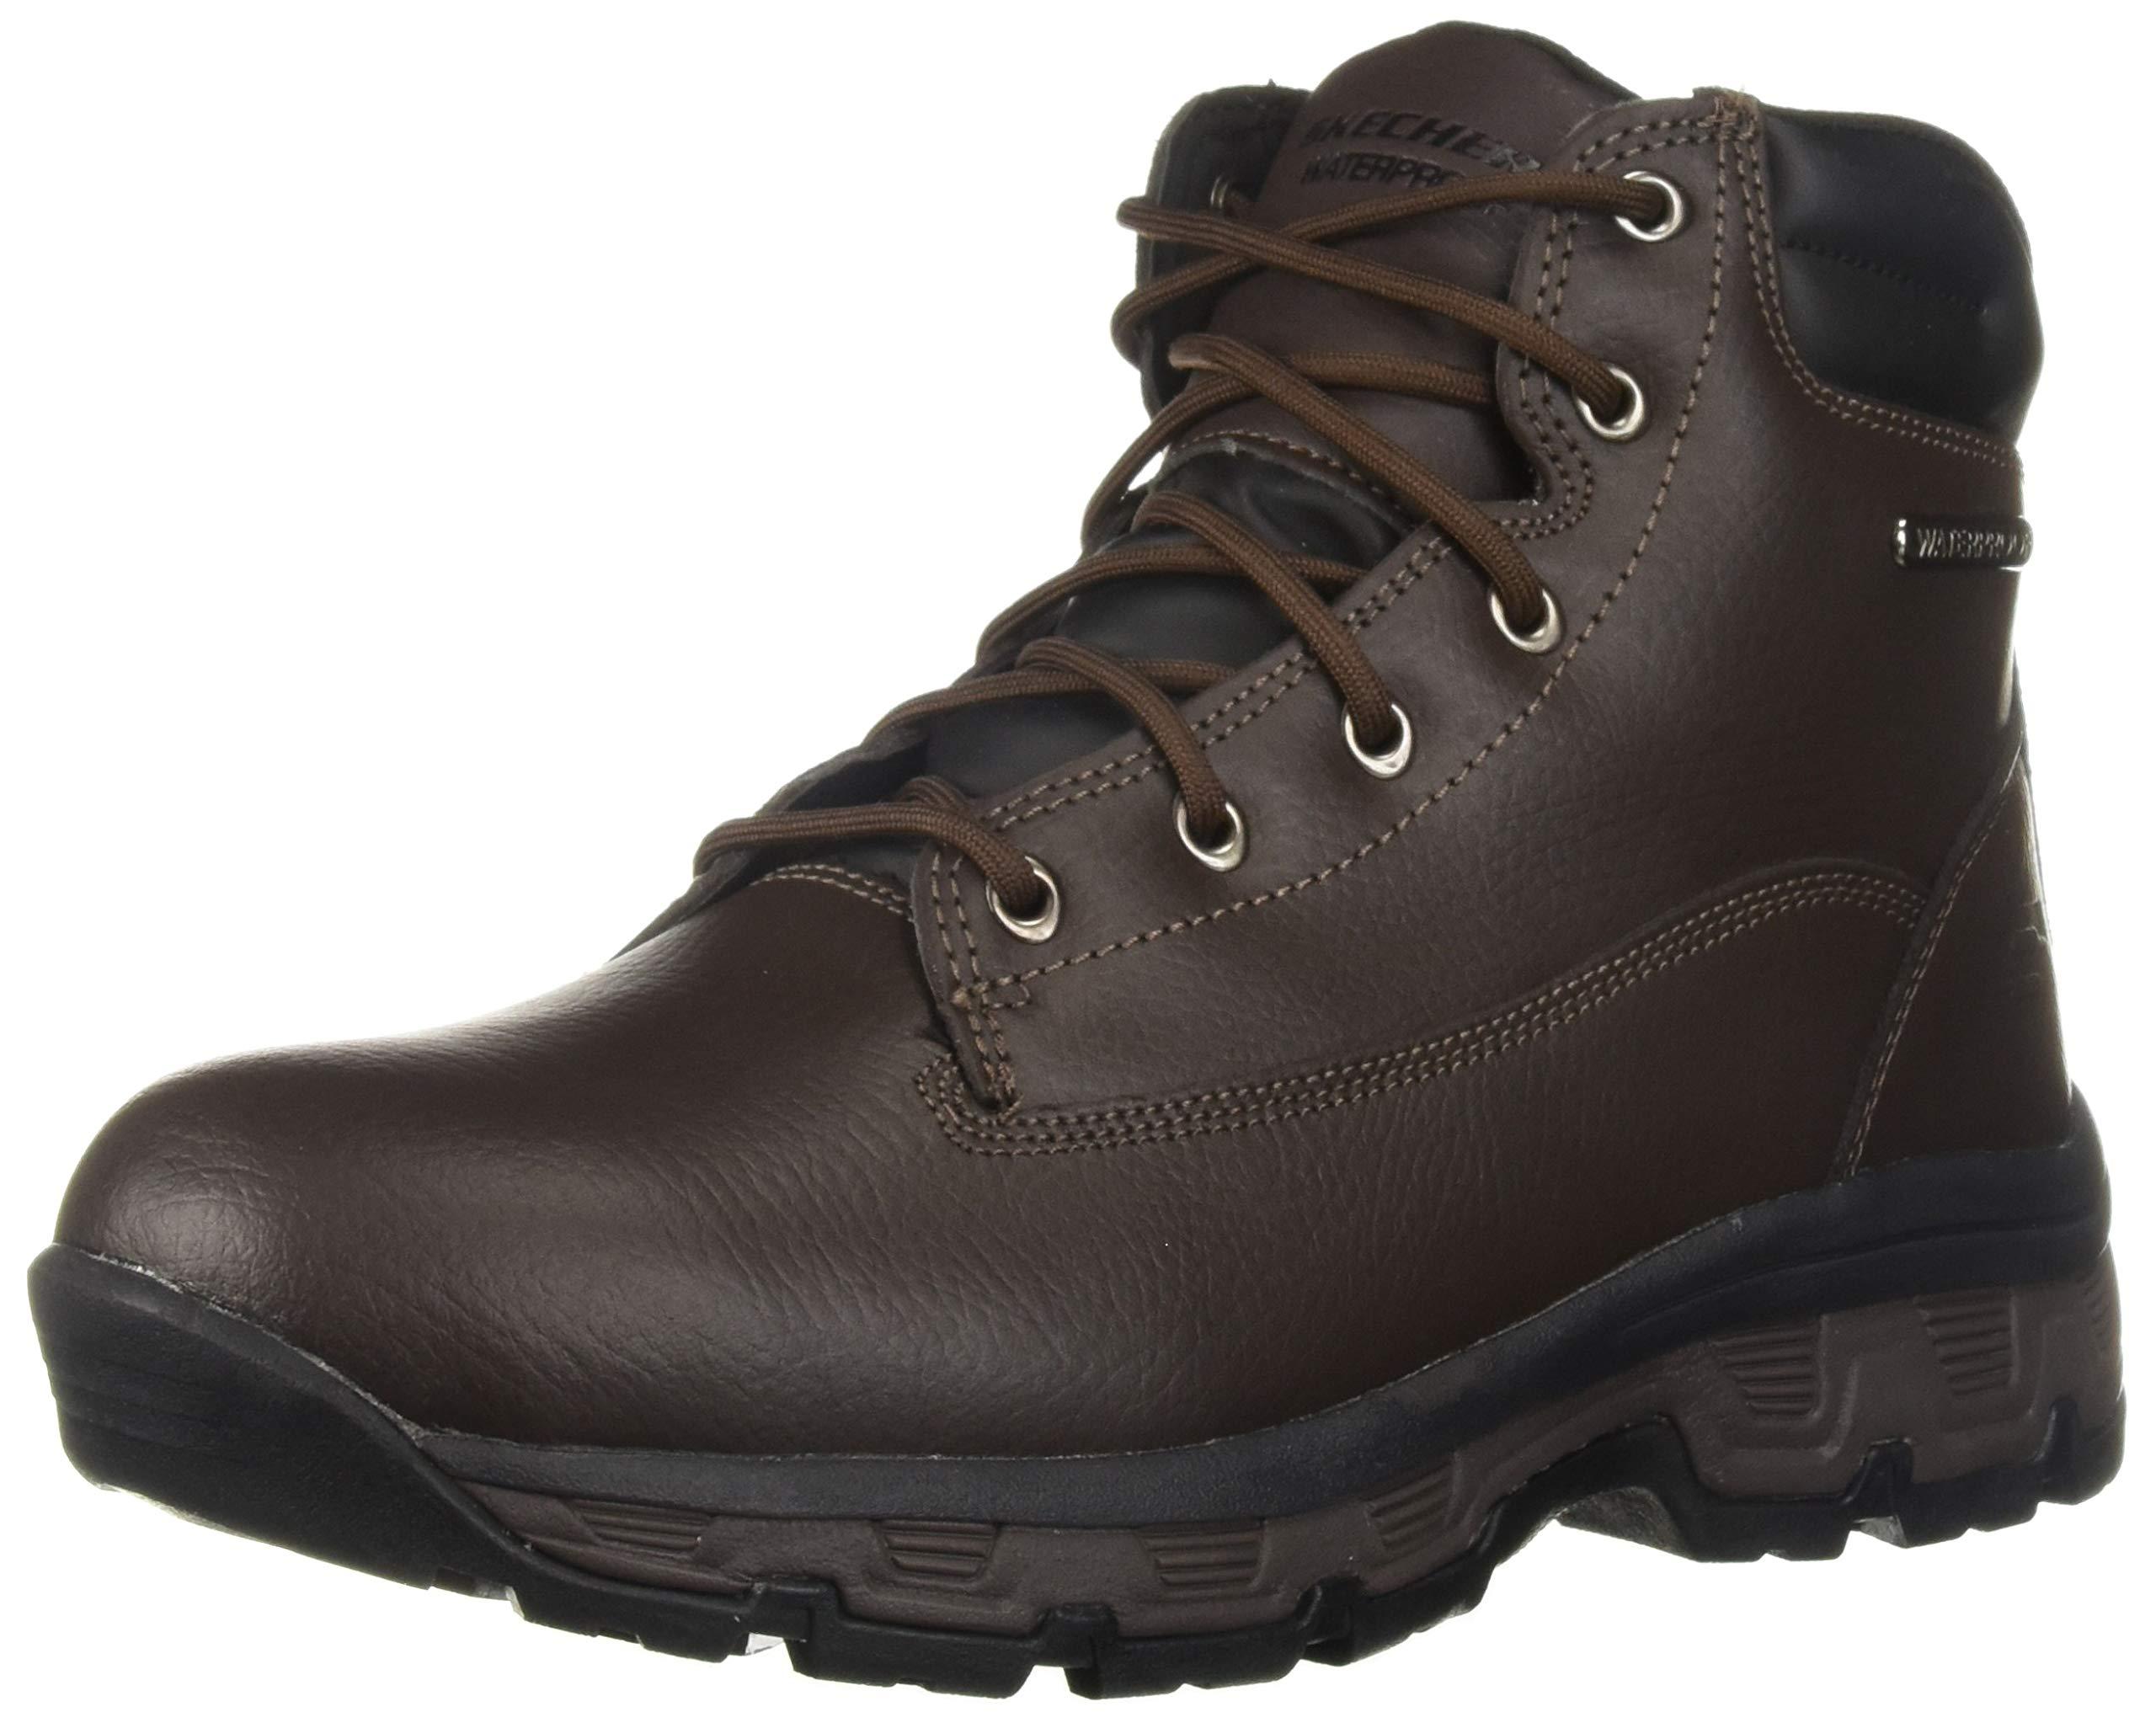 Skechers Men's Morson-SINATRO Hiking Boot, dkbr, 14